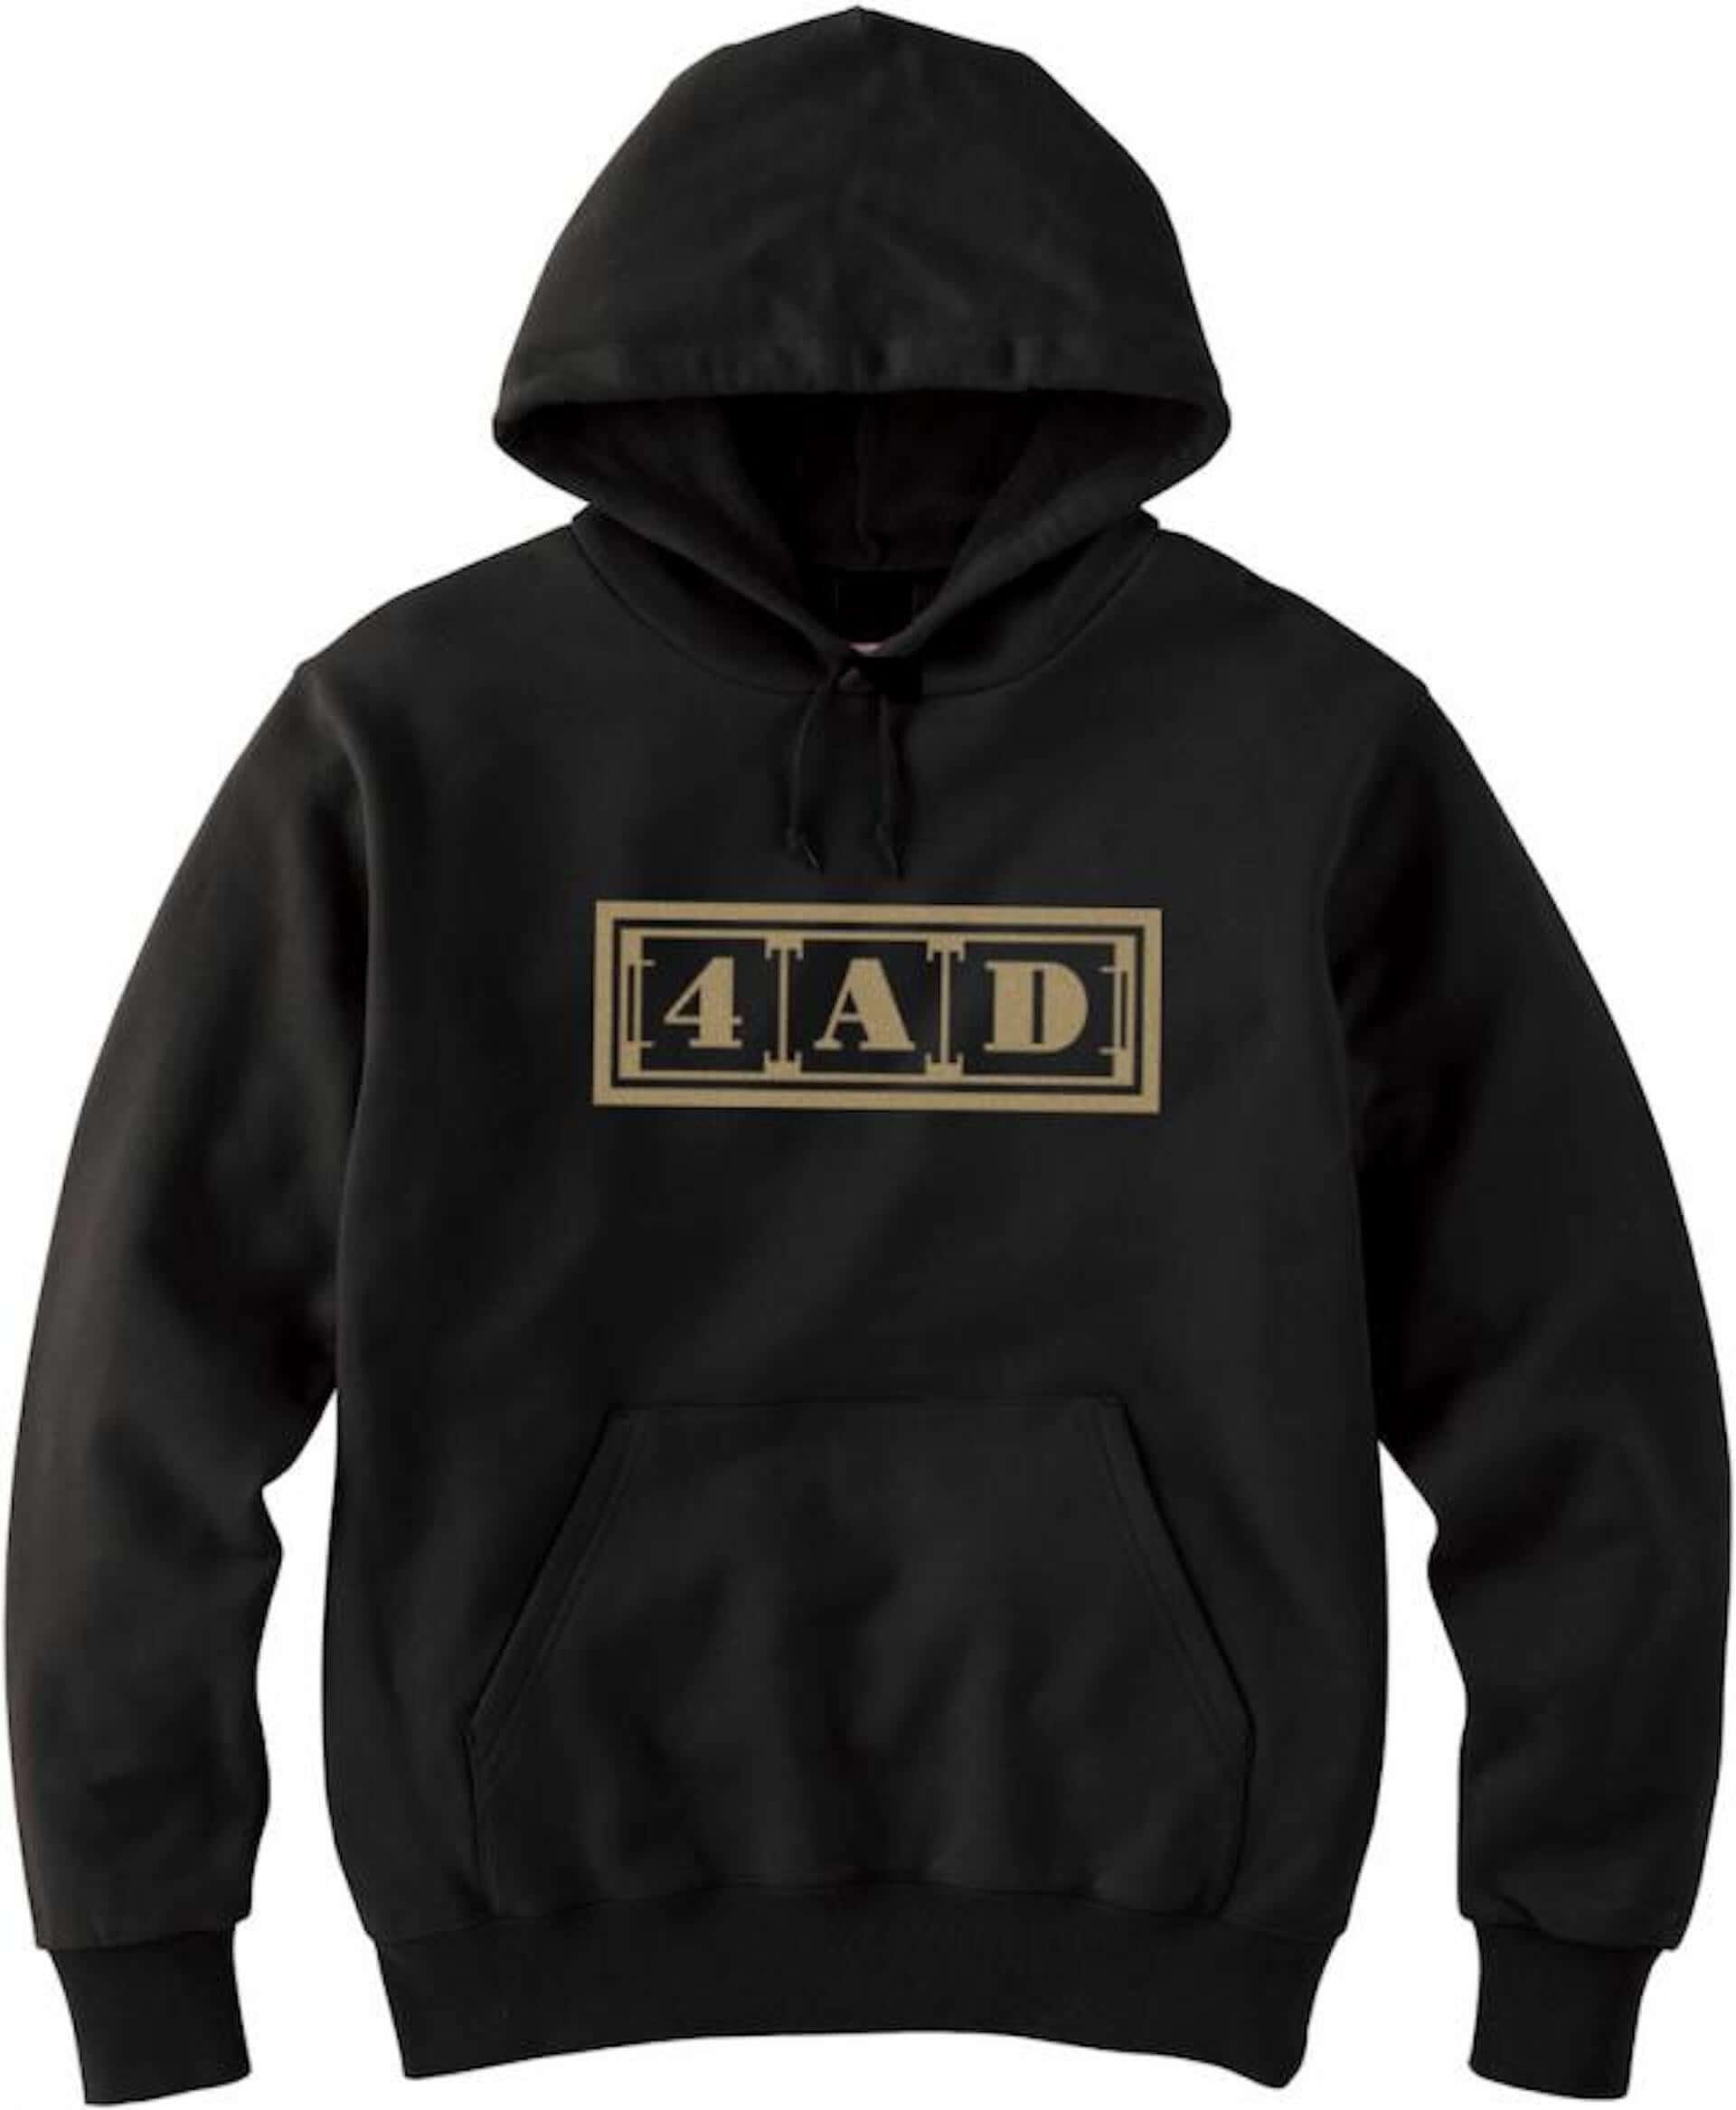 Tom Mischのビッグシルエット刺繍ロゴTシャツが再発決定!Beatinkにて送料無料&ポイント還元キャンペーンも life200402_tommisch_tshirt_3-1920x2334